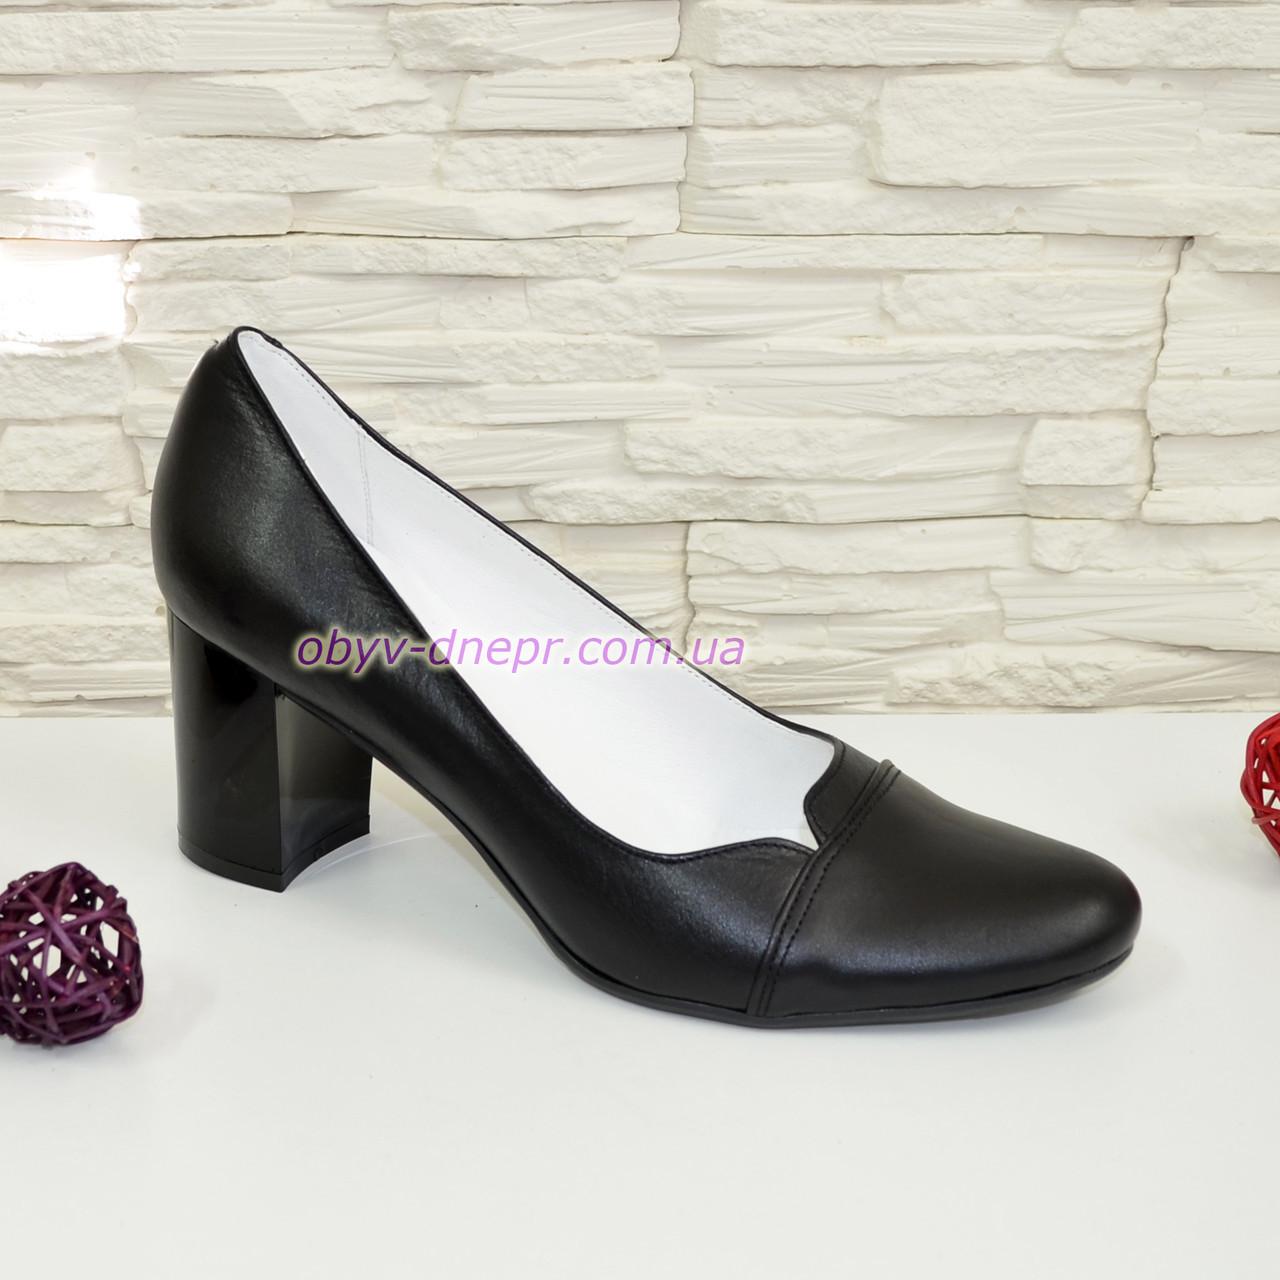 Туфли женские классические черные кожаные на невысоком каблуке